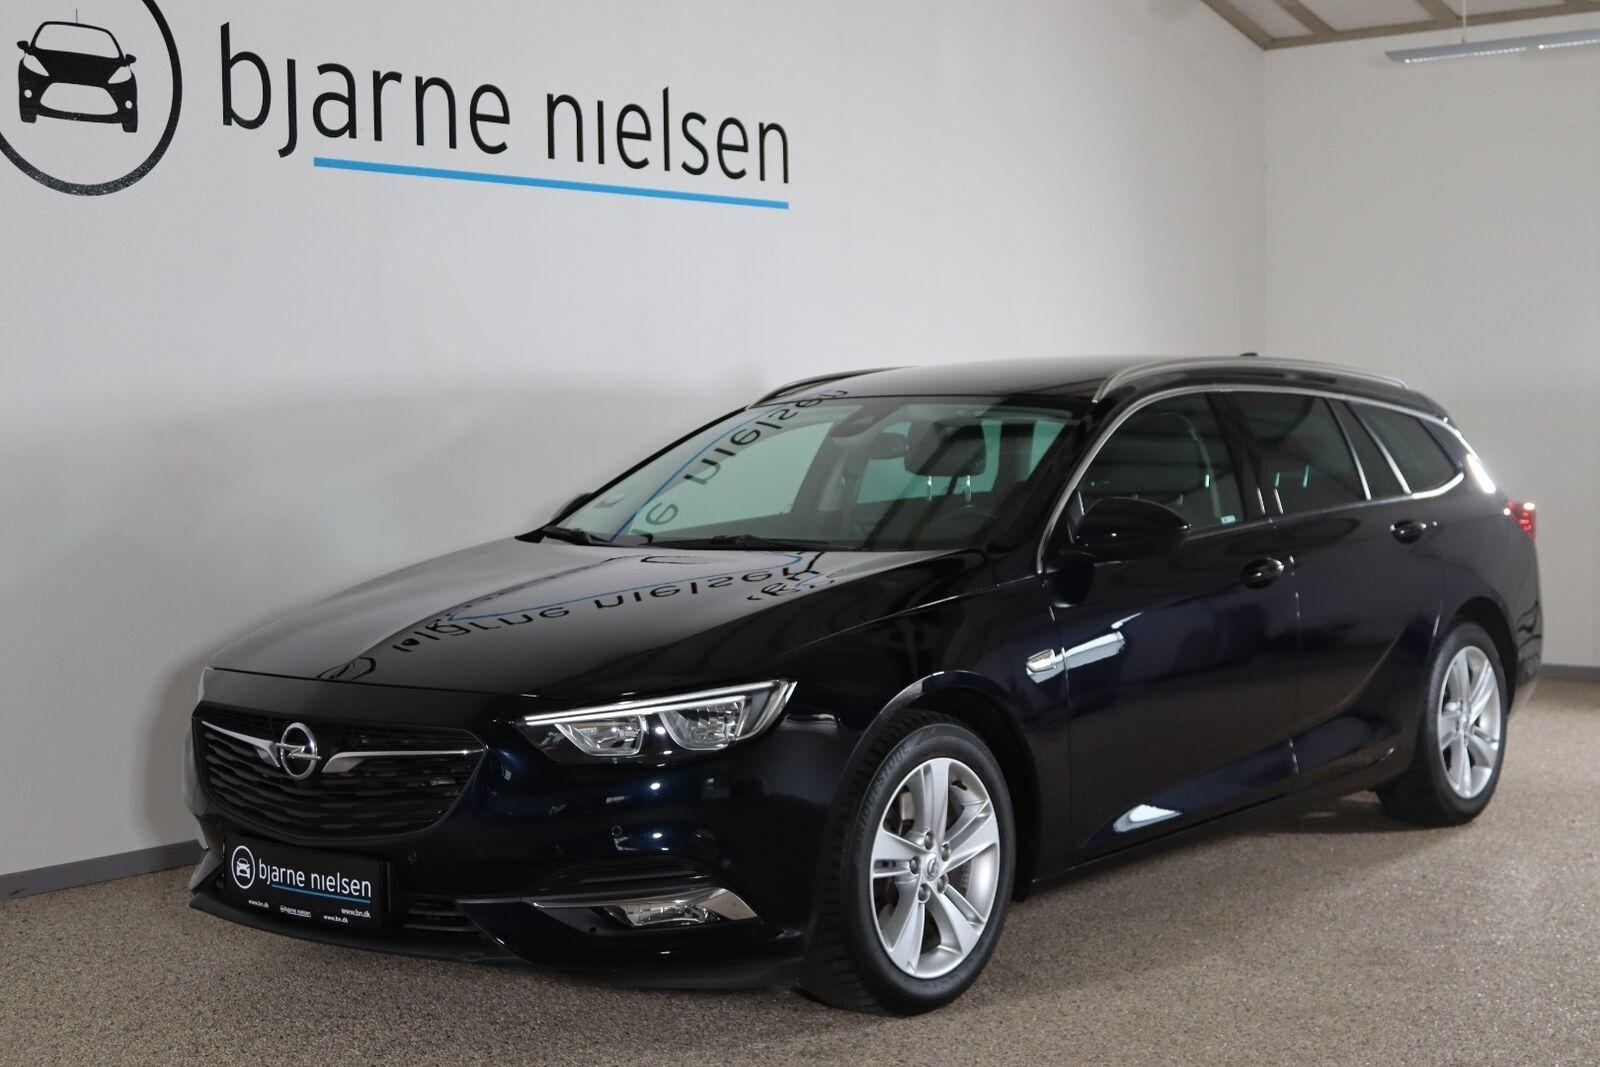 Opel Insignia Billede 4